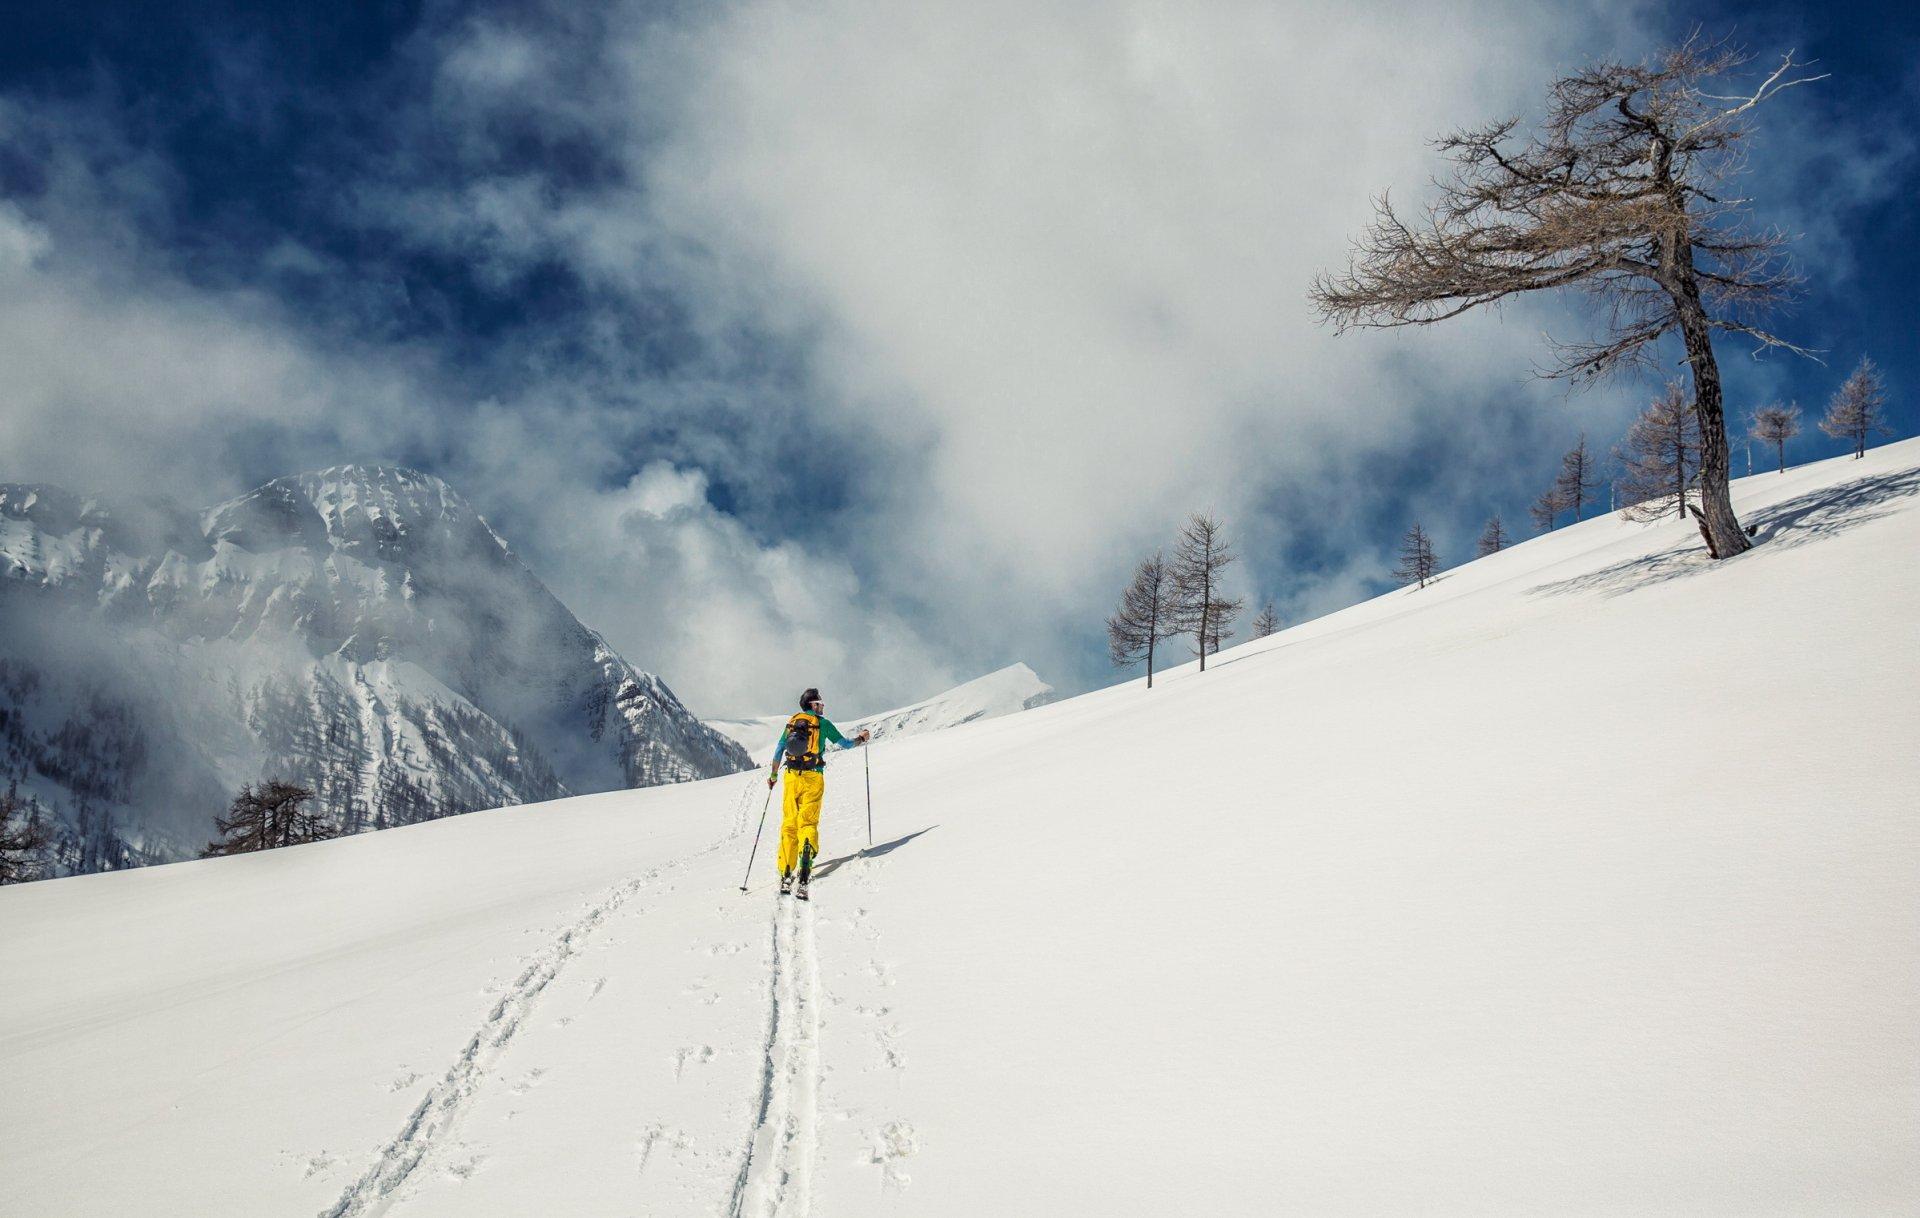 станет эта лыжник на горе фото рынке